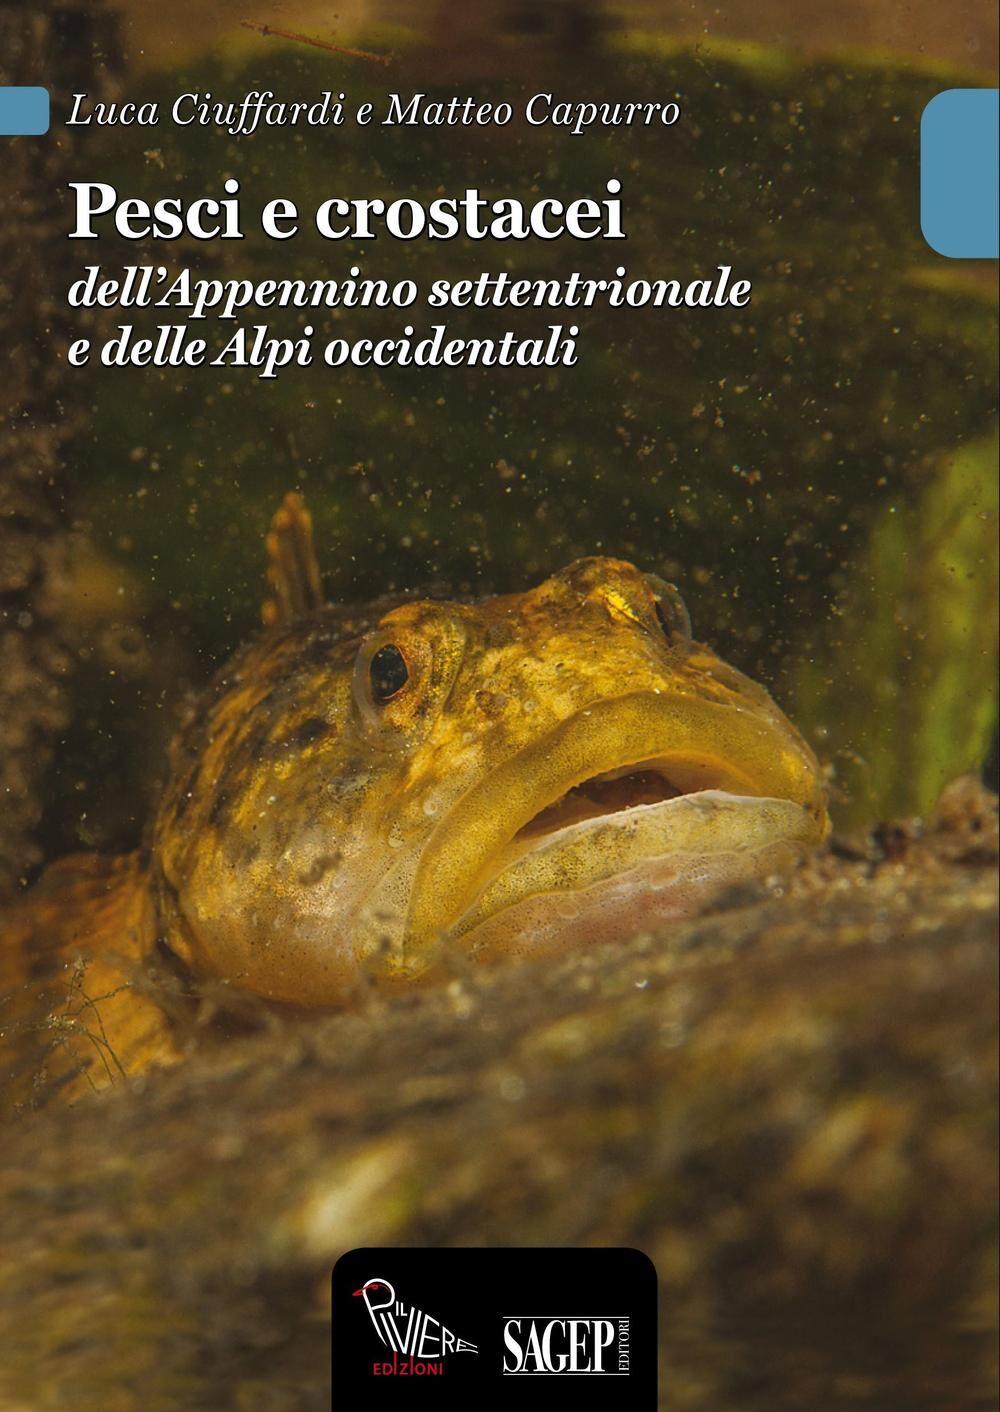 Pesci e crostacei dell'Appennino settentrionale e delle Alpi occidentali